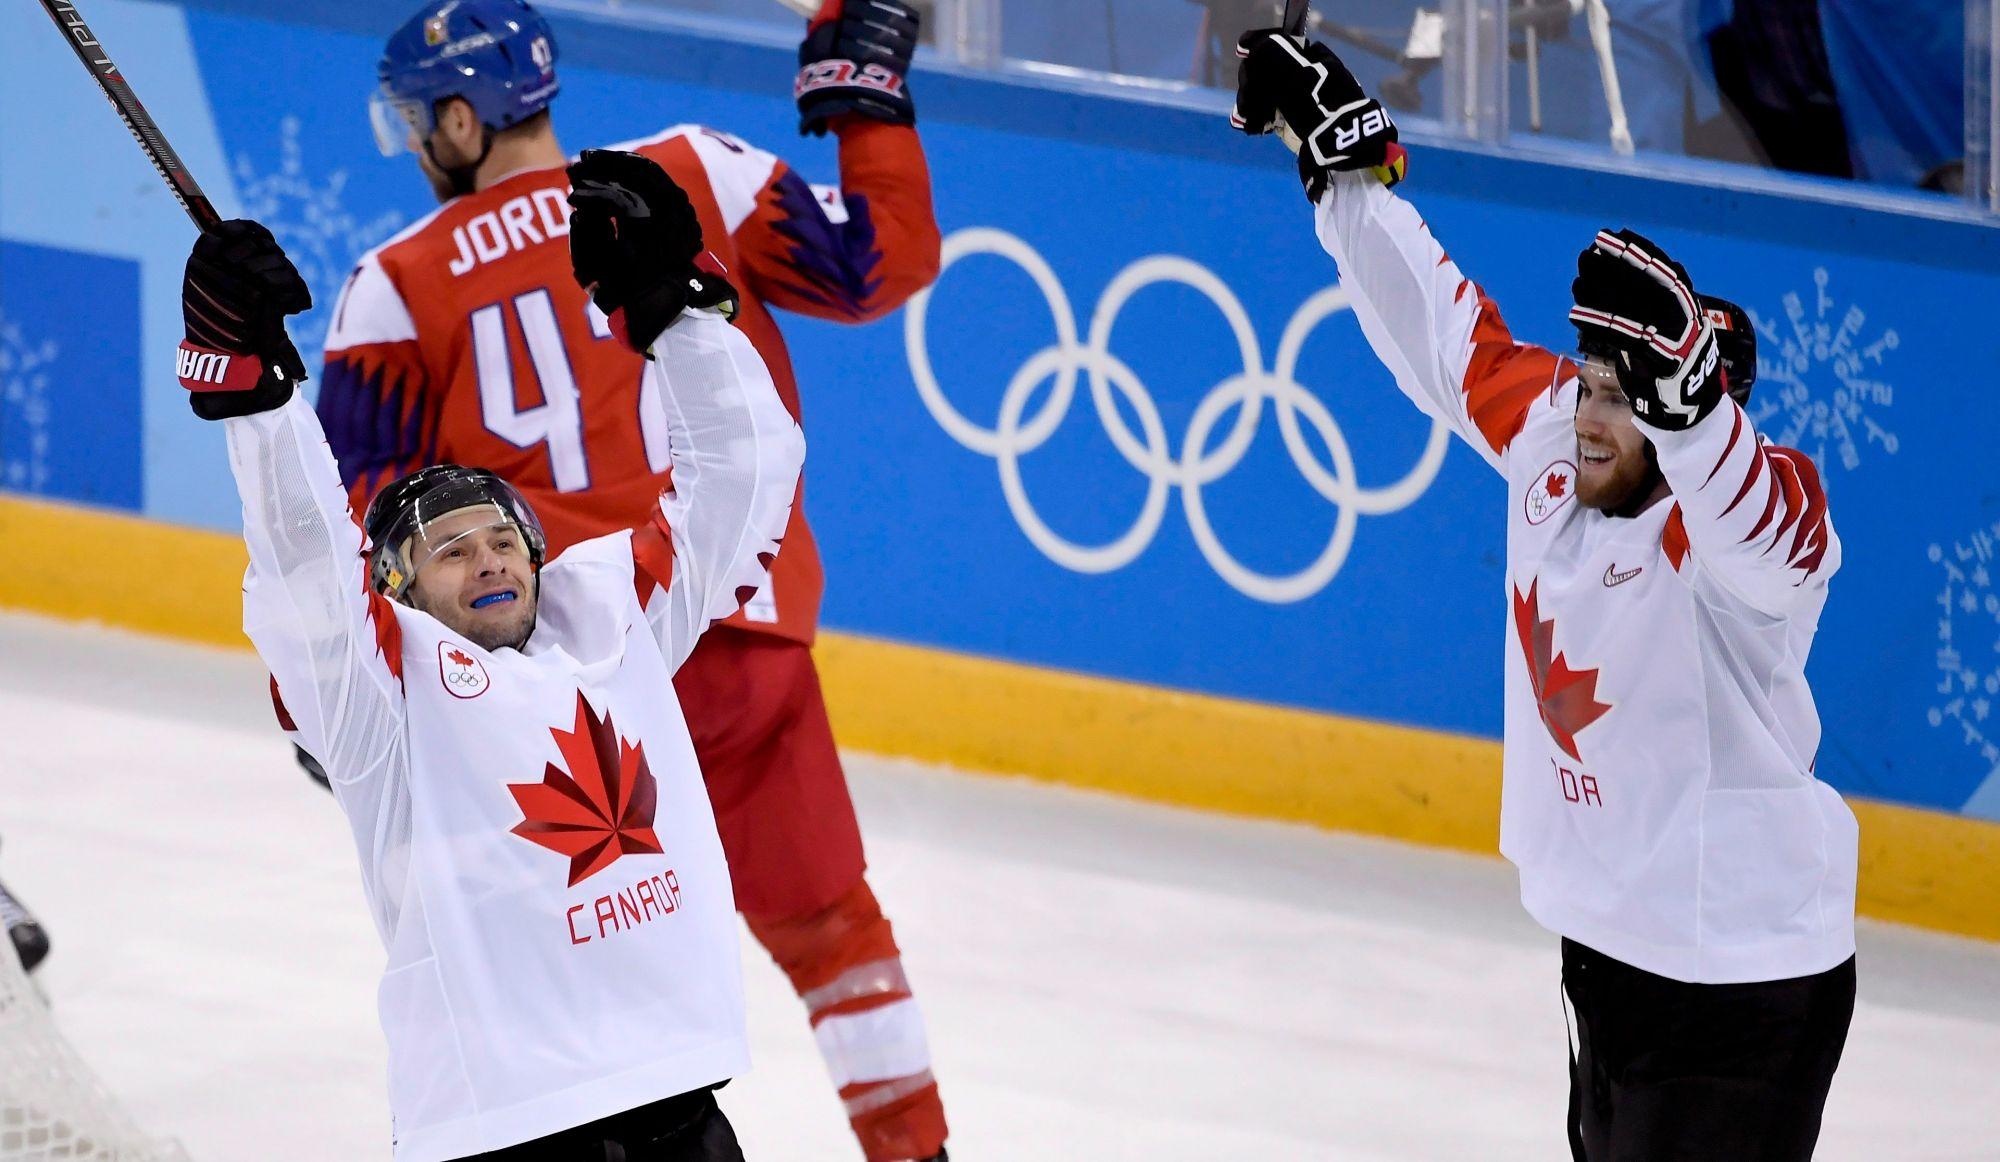 Le Canada sauve l'honneur avec une médaille de bronze